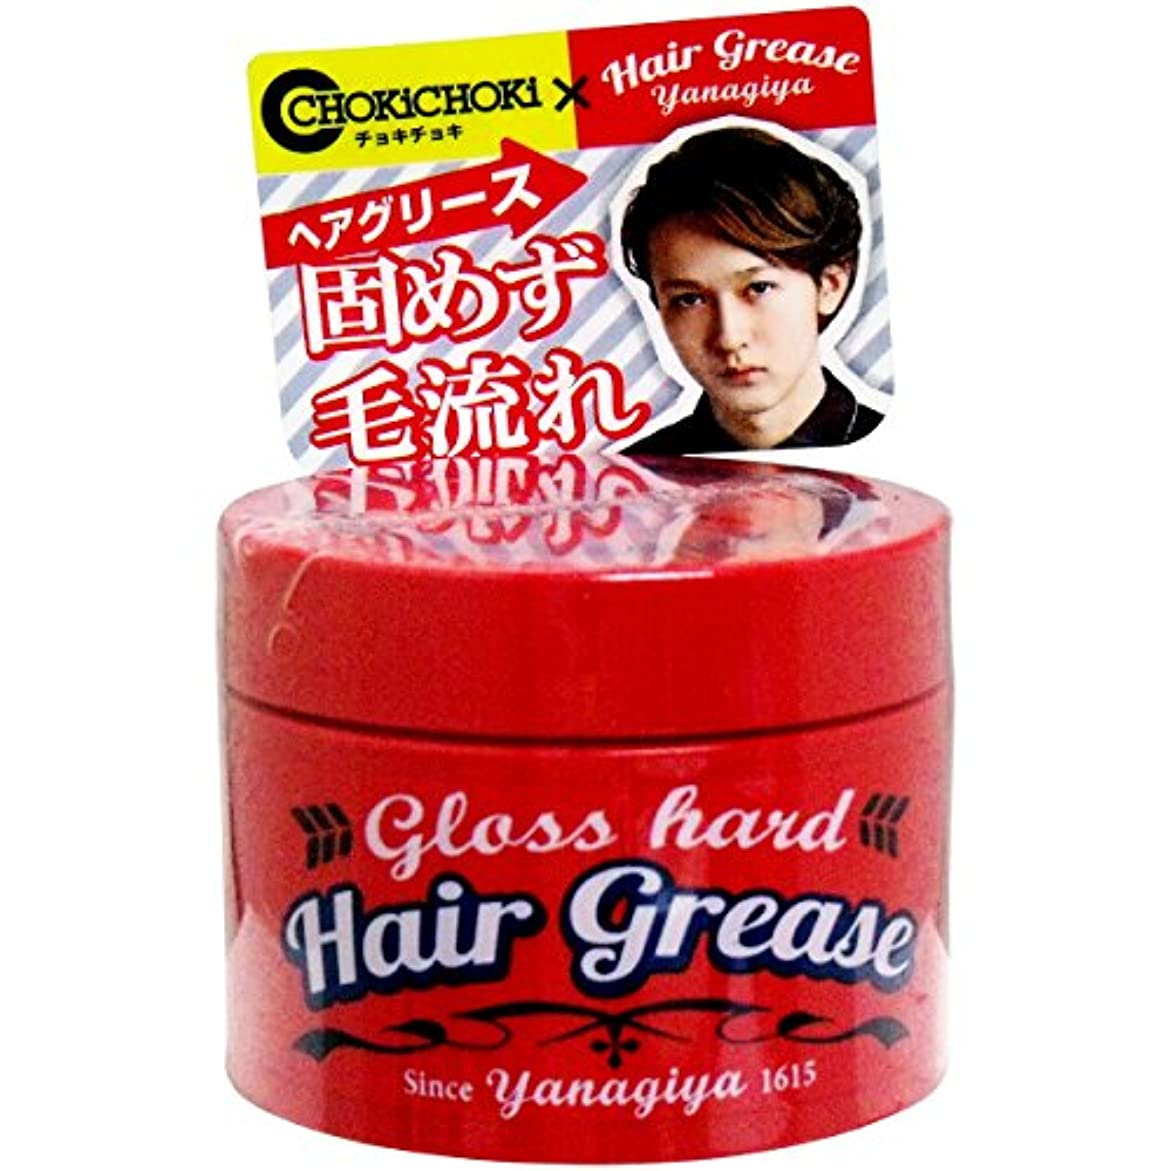 チャンス天の持ってるヘアワックス 固めず毛流れ 使いやすい YANAGIYA ヘアグリース グロスハード 90g入【1個セット】